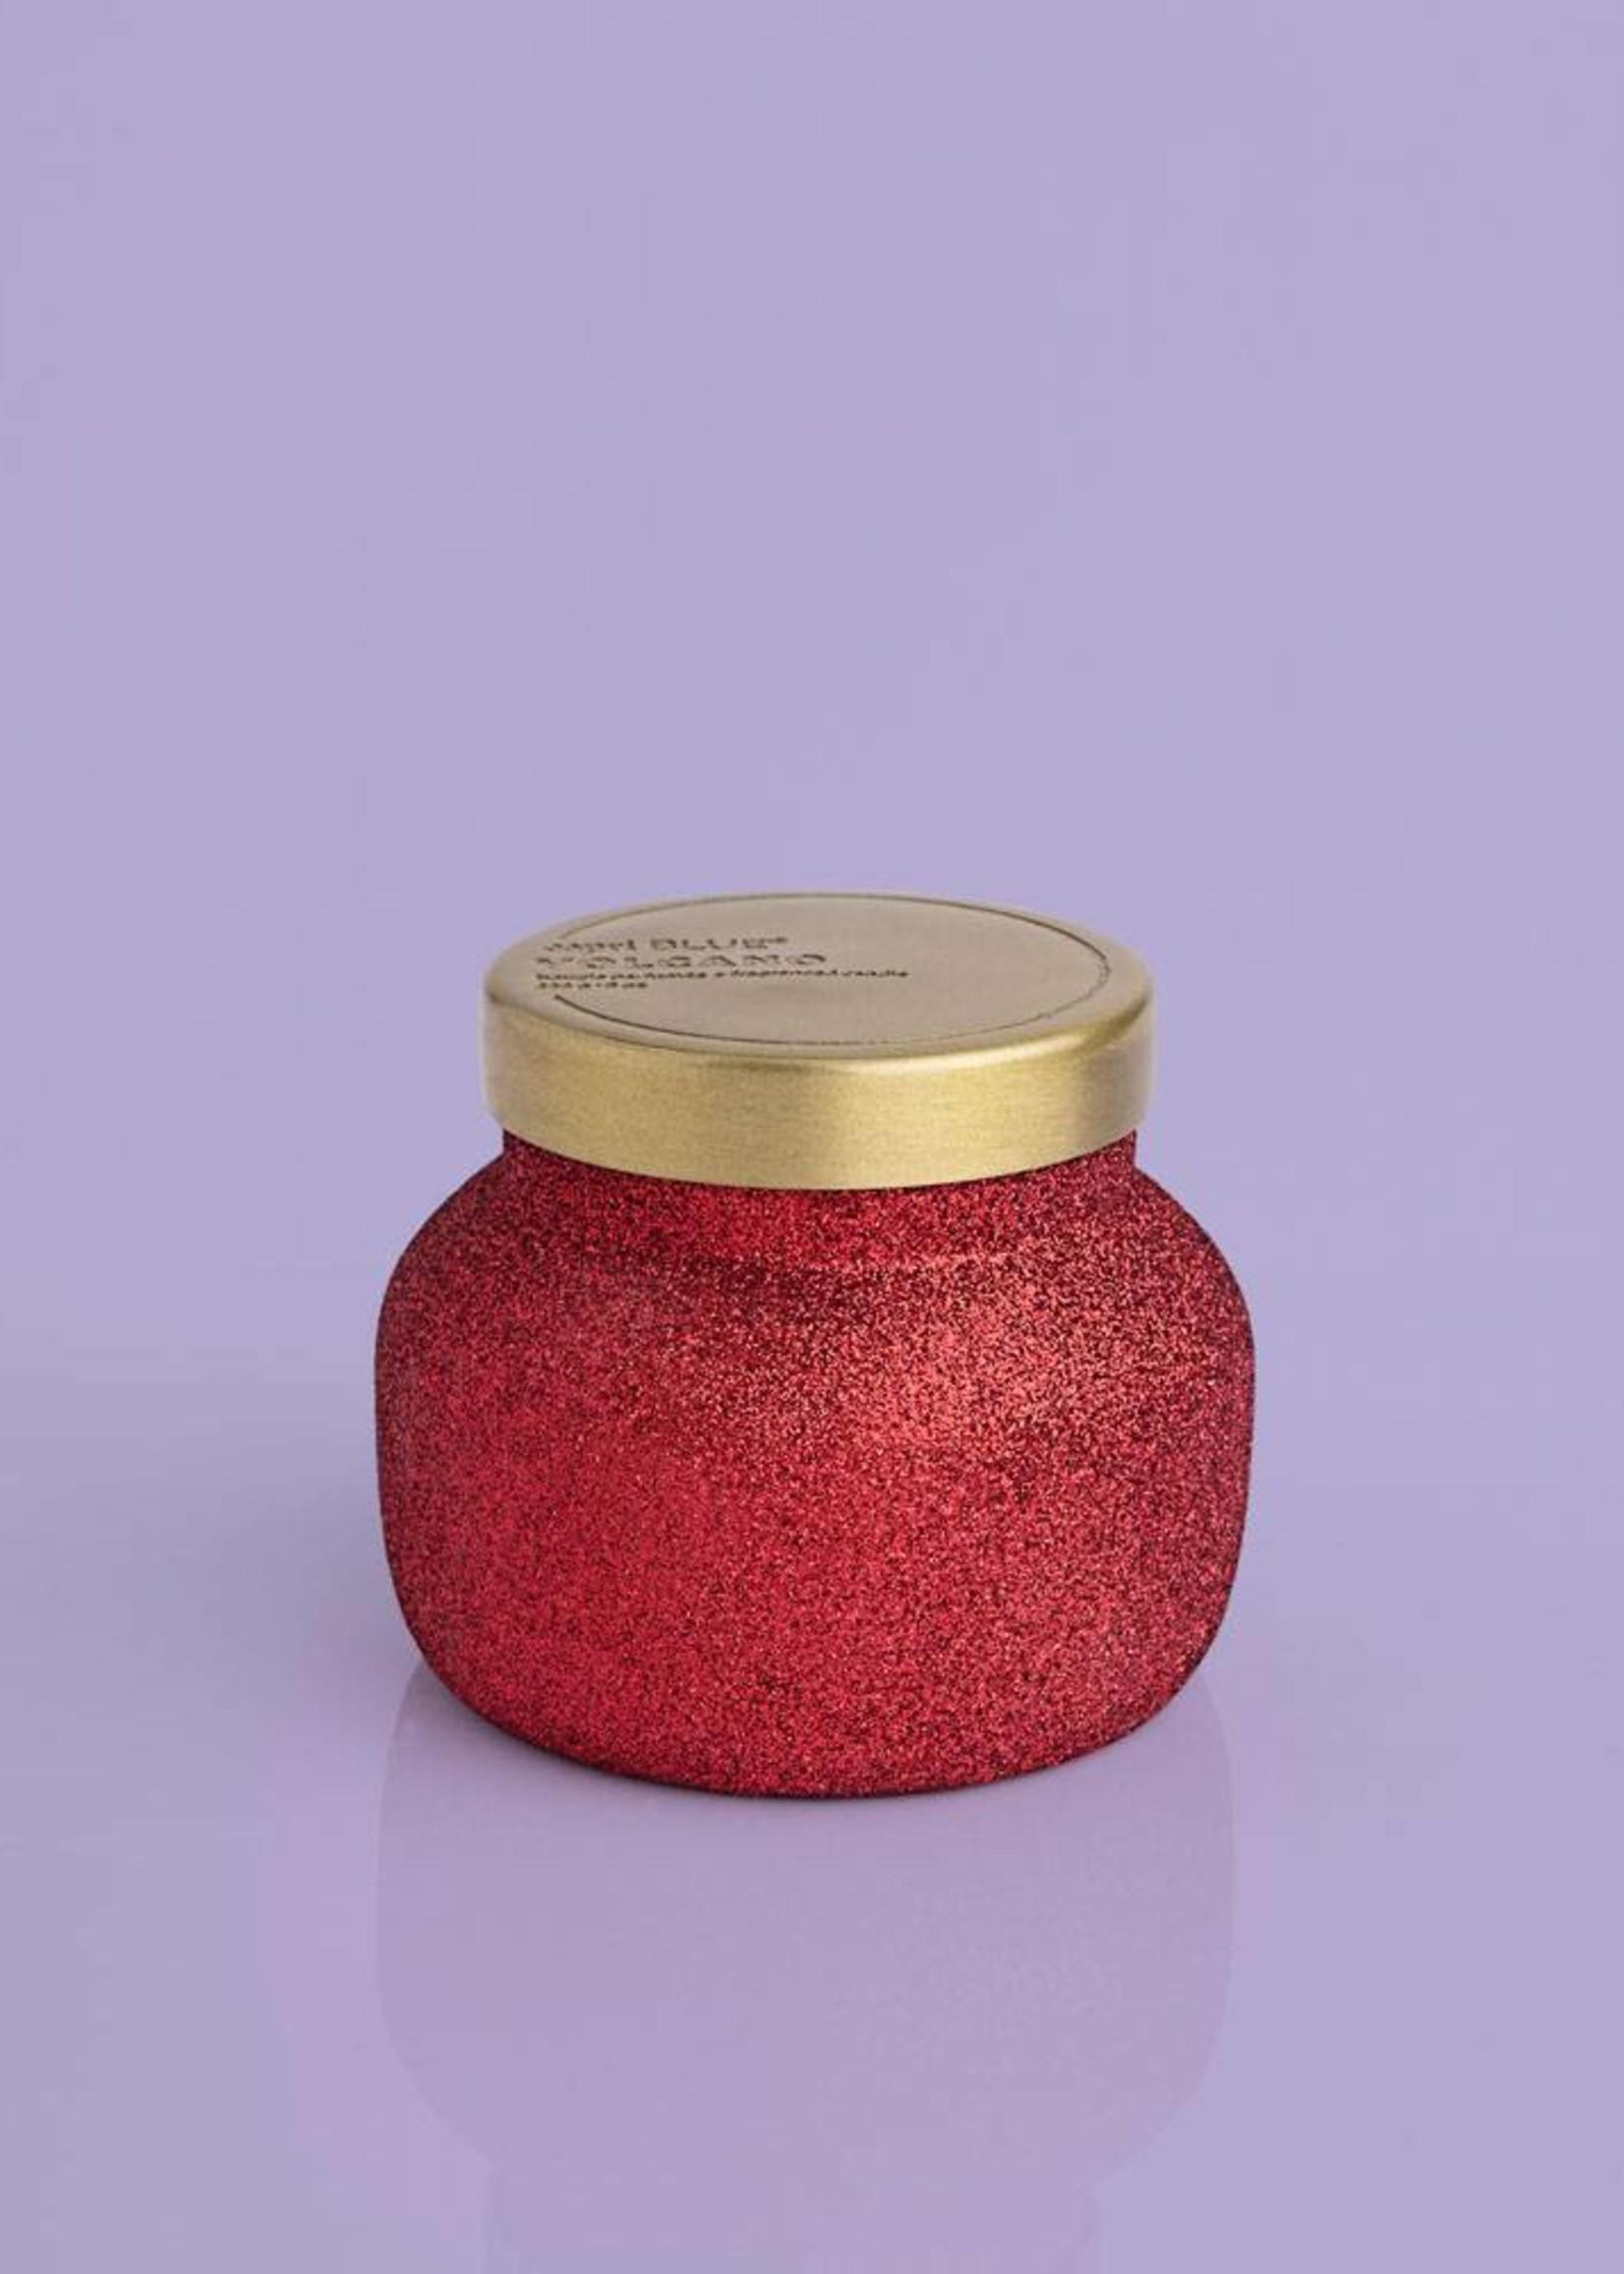 Capri Blue 8oz Glam Red Glitter Volcano